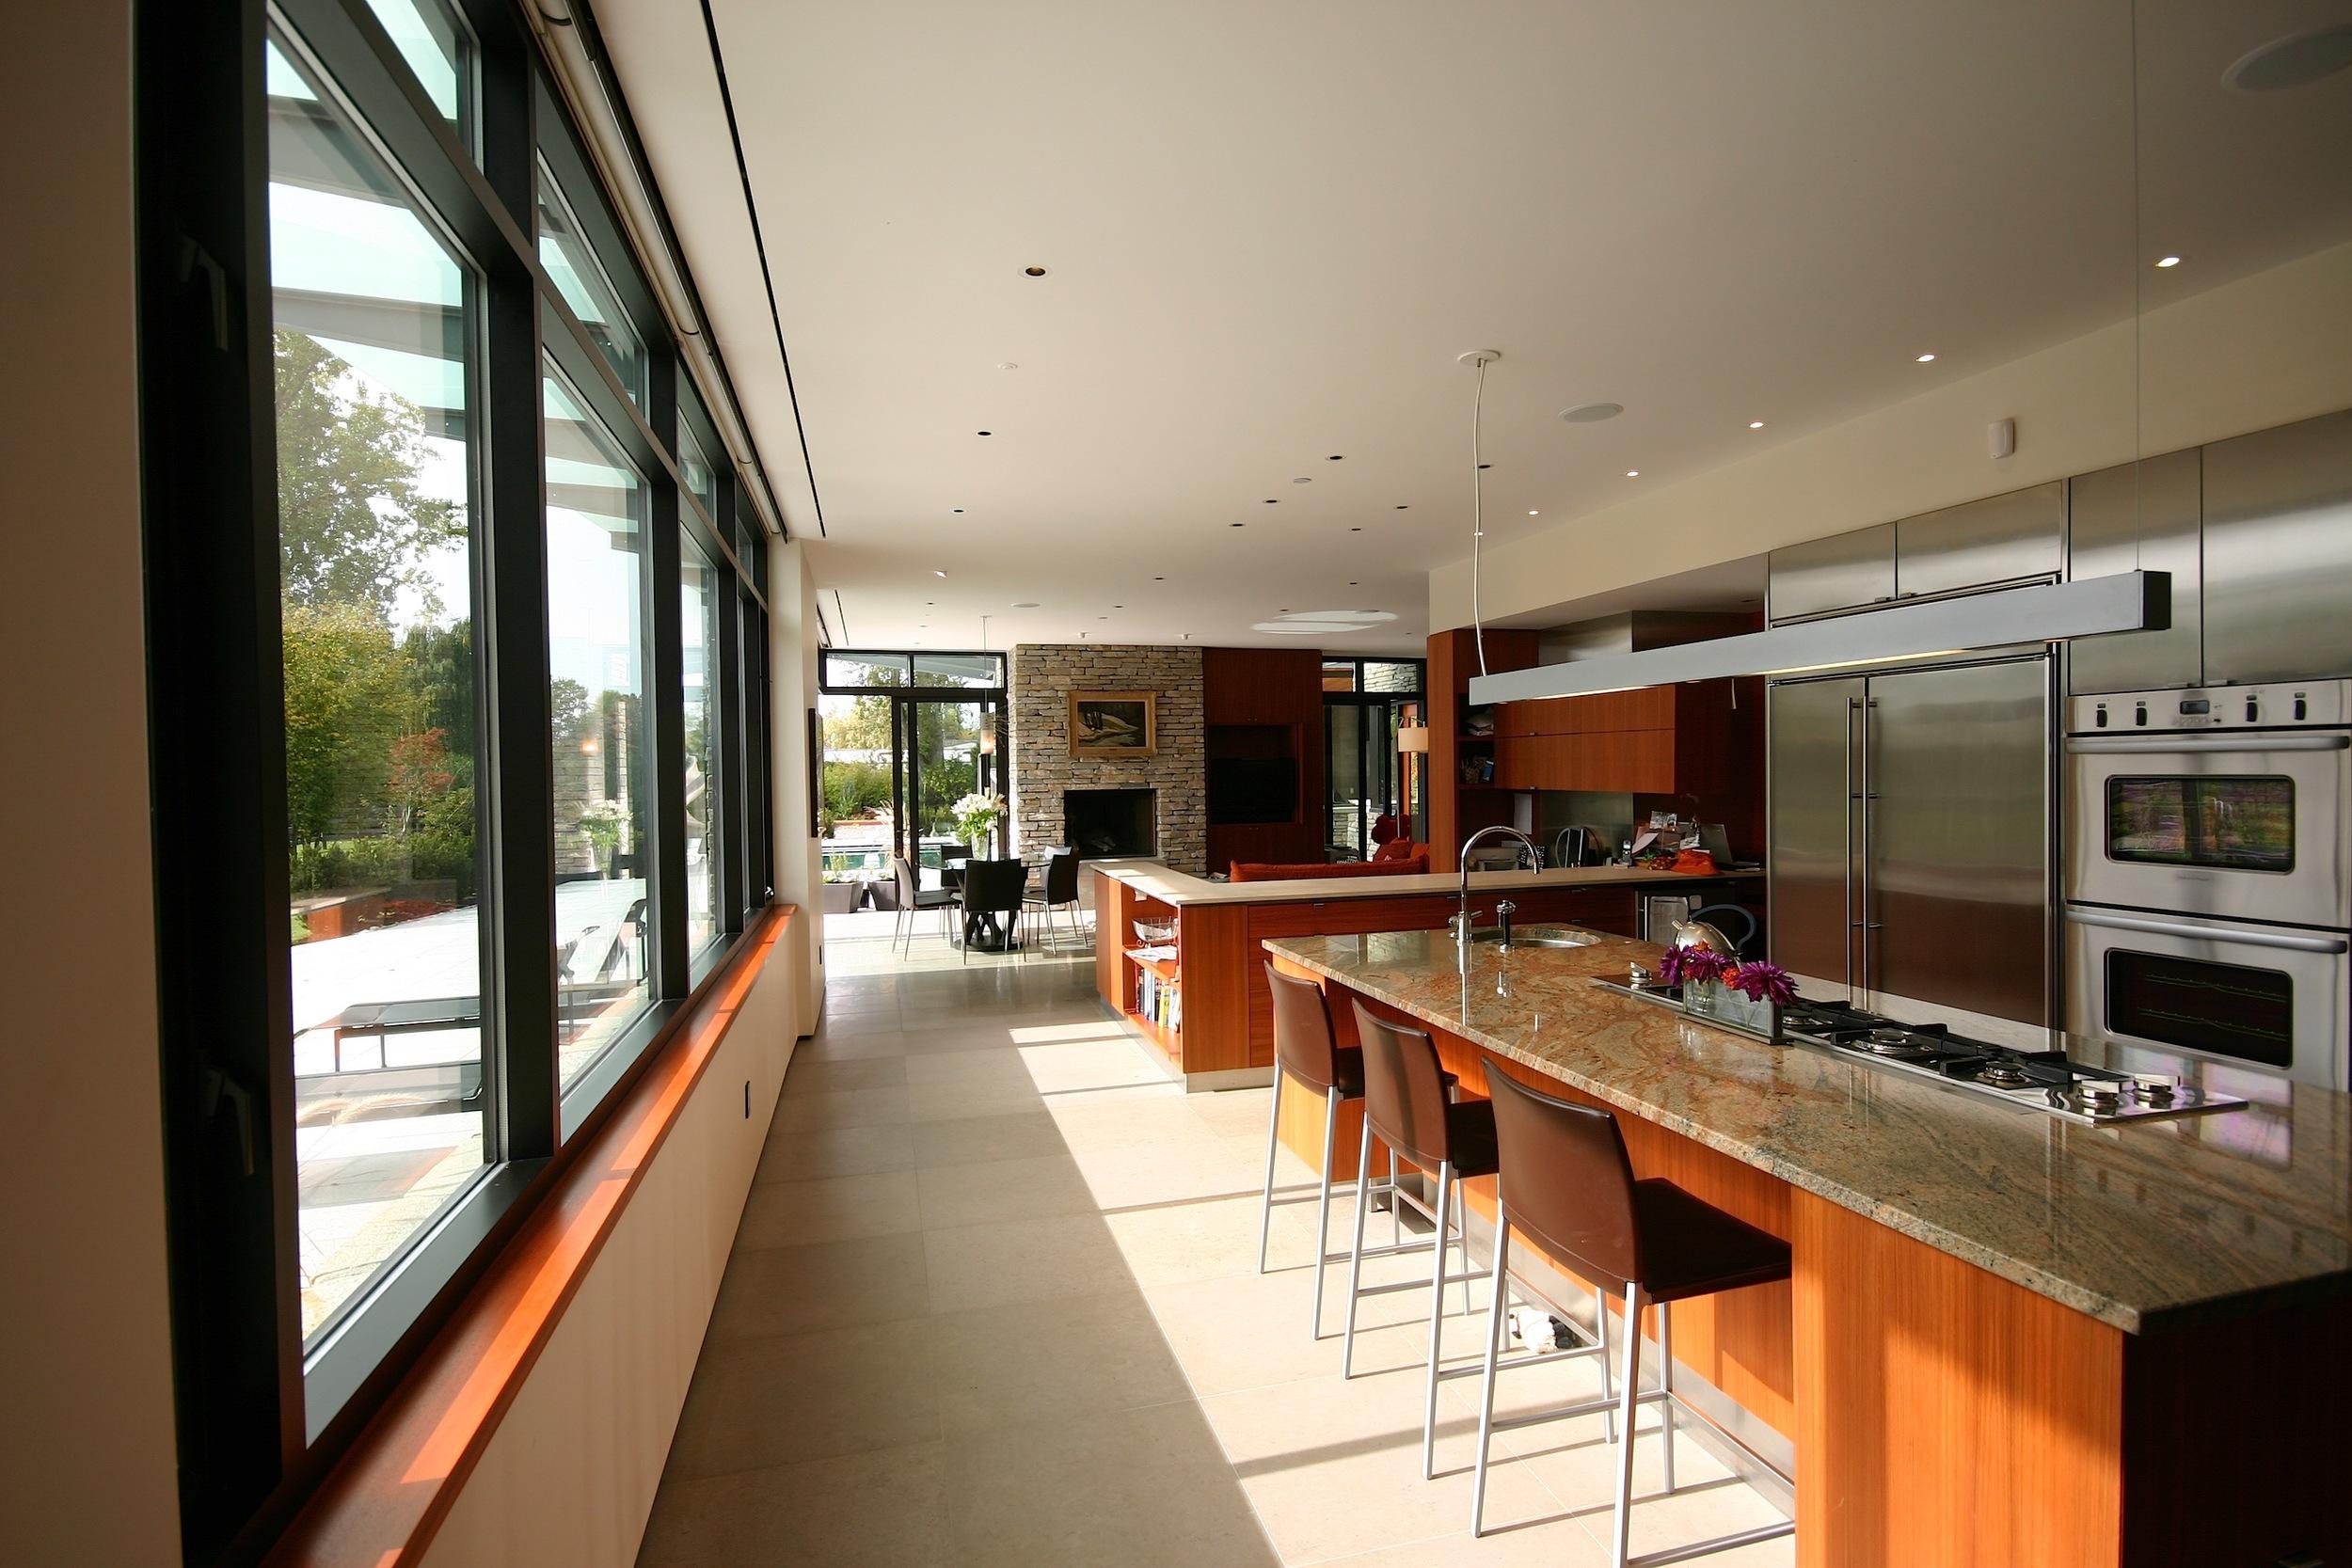 9 - Interior (Kitchen).JPG